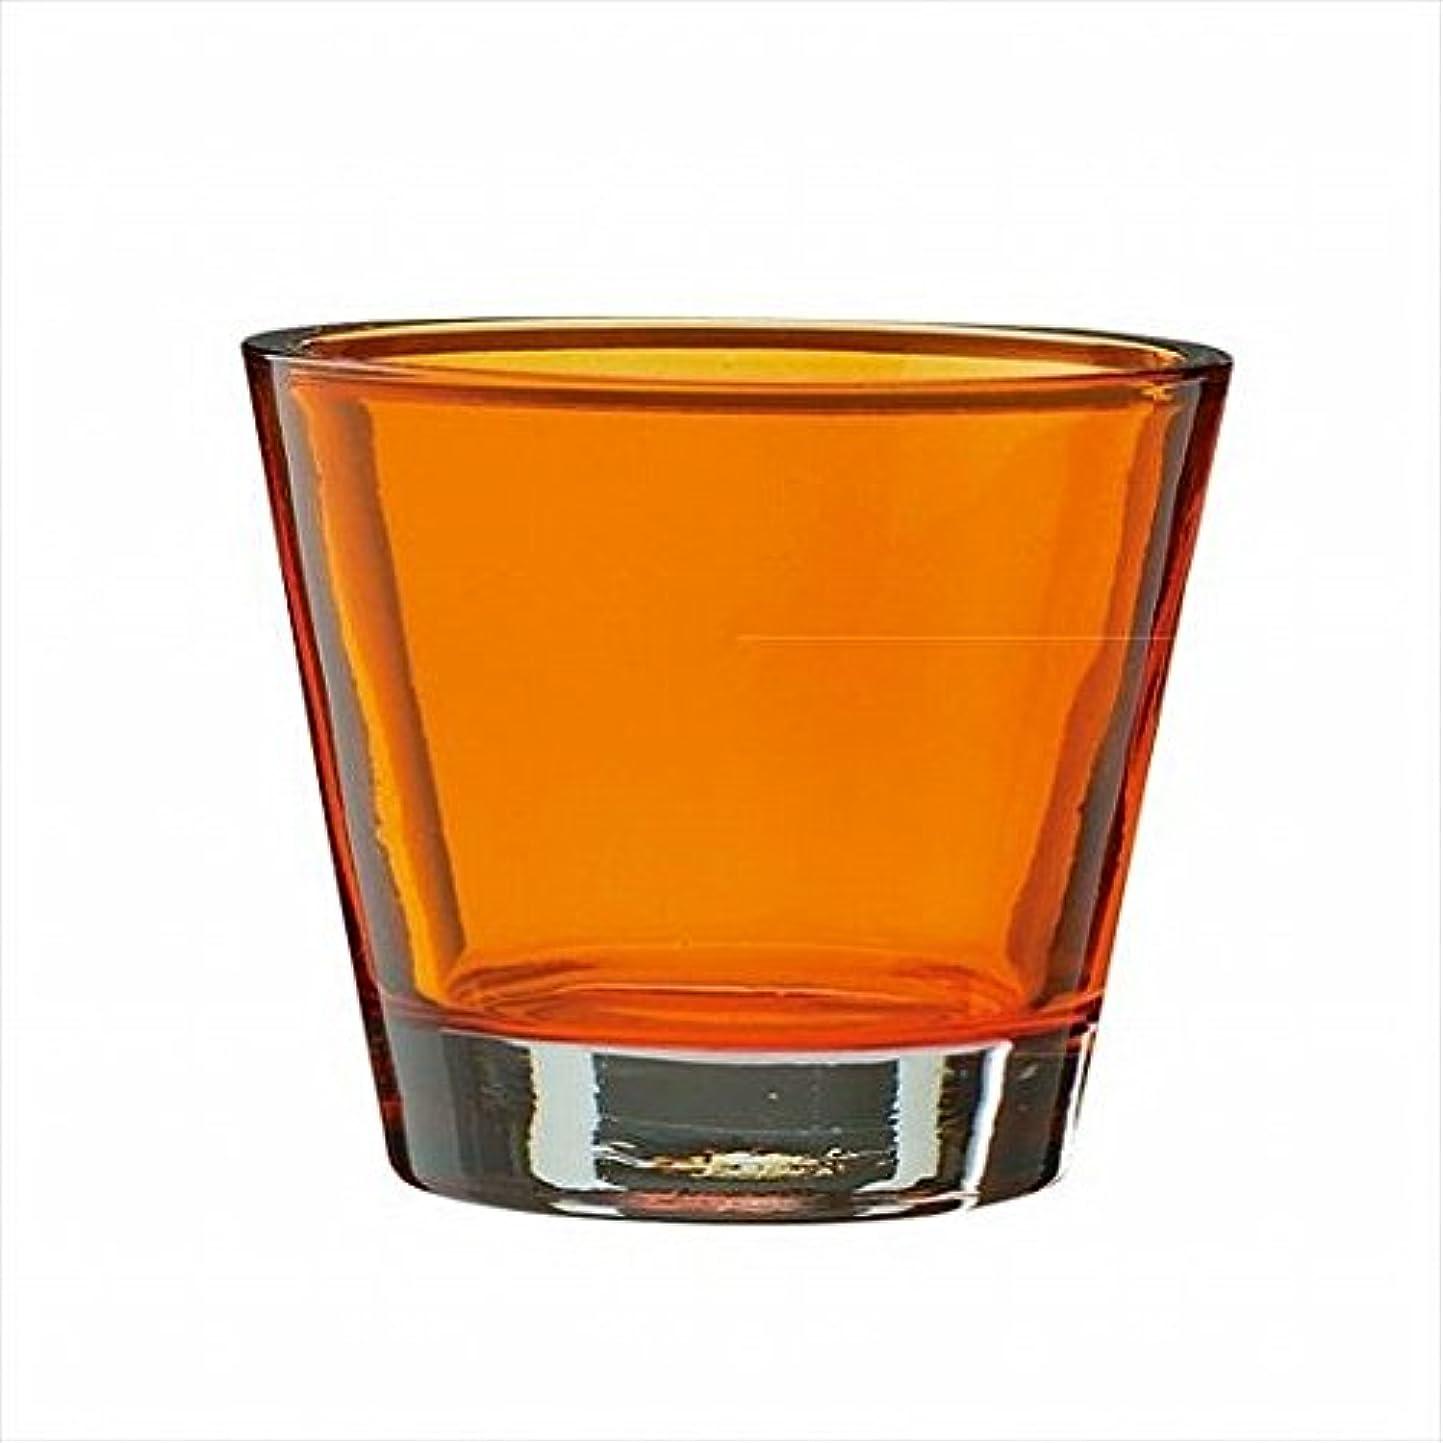 利得漏れ抱擁kameyama candle(カメヤマキャンドル) カラリス 「 オレンジ 」 キャンドル 82x82x70mm (J2540000OR)